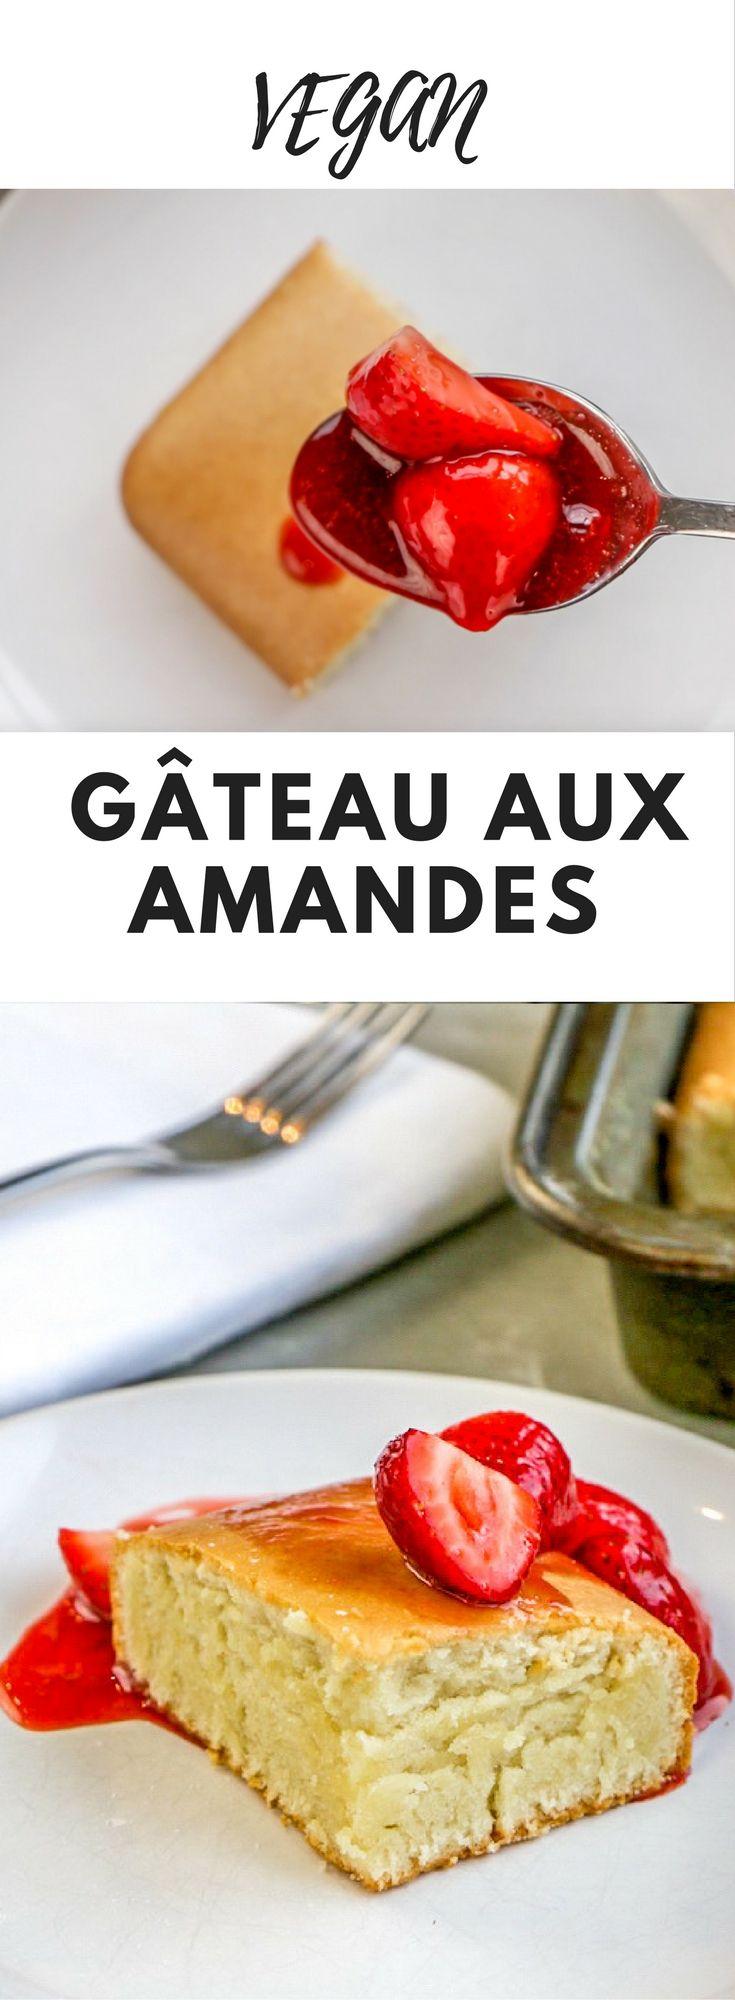 Gâteau aux Amandes - Vous connaissez la poudre d'amandes ? Communément appelées amandes moulues. J'en fais un merveilleux gâteau si simple à réaliser. Pas le temps de cuisiner ? Essayez cette recette de gâteau vegan aux amandes !